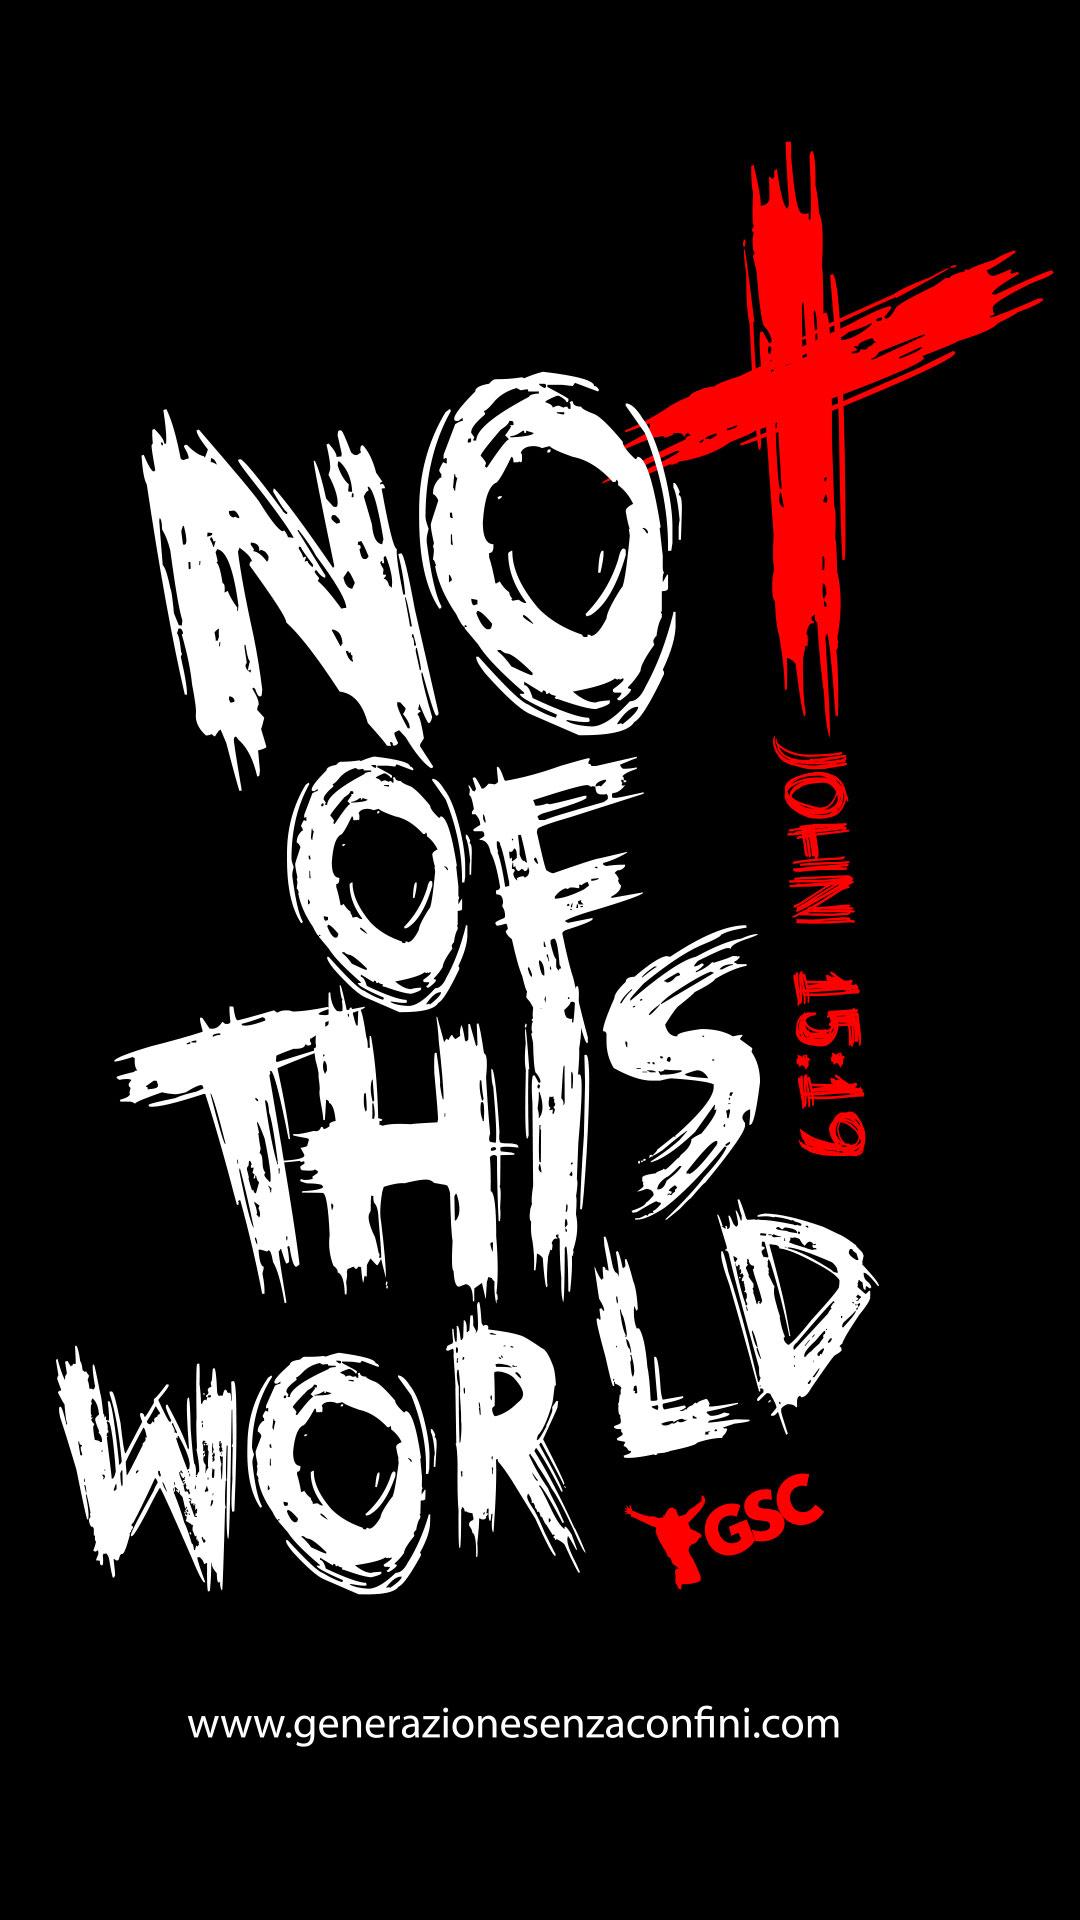 Sfondi Cellulare Not Of This World Generazione Senza Confini